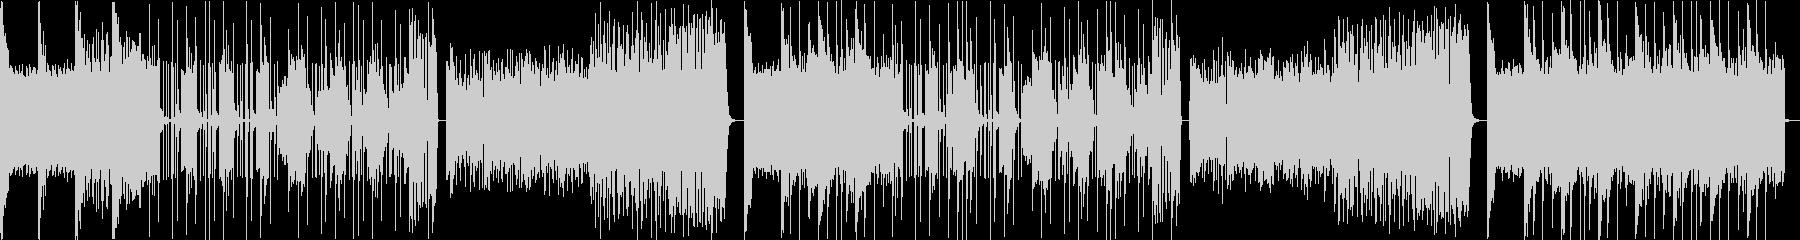 Kpop・ダークエキサイティングトラップの未再生の波形